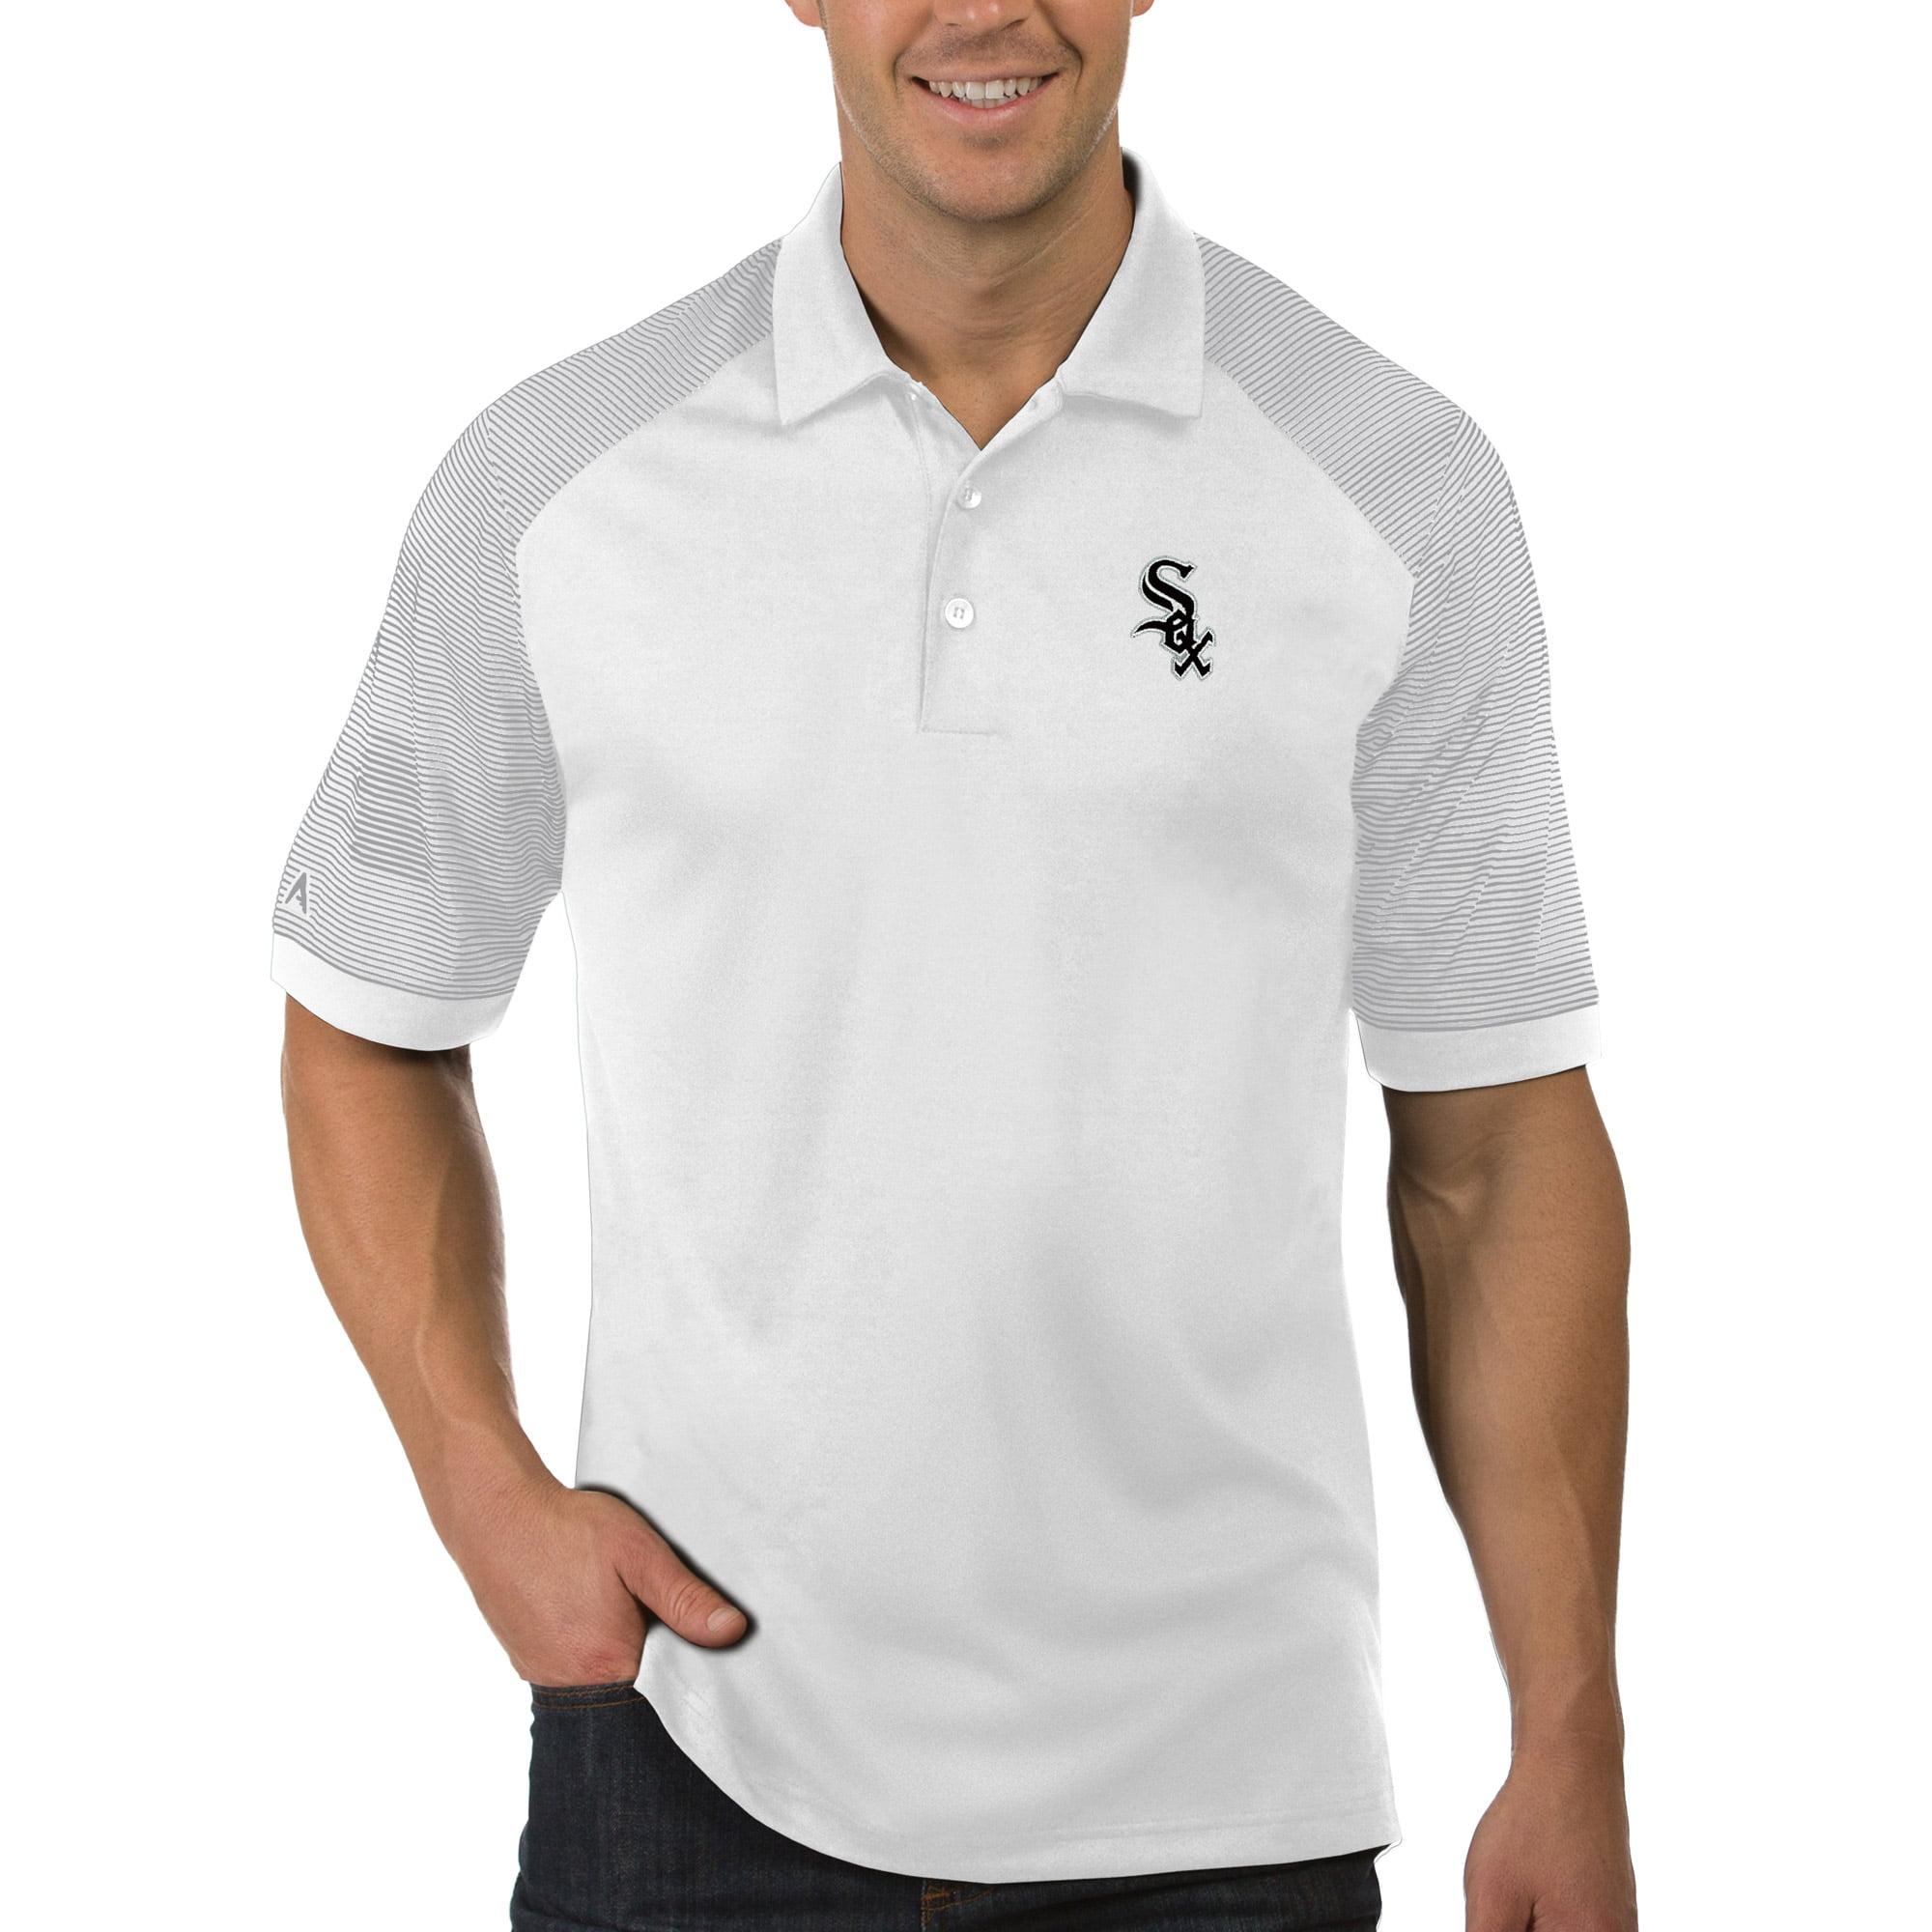 Chicago White Sox Antigua Engage Polo - White/Gray